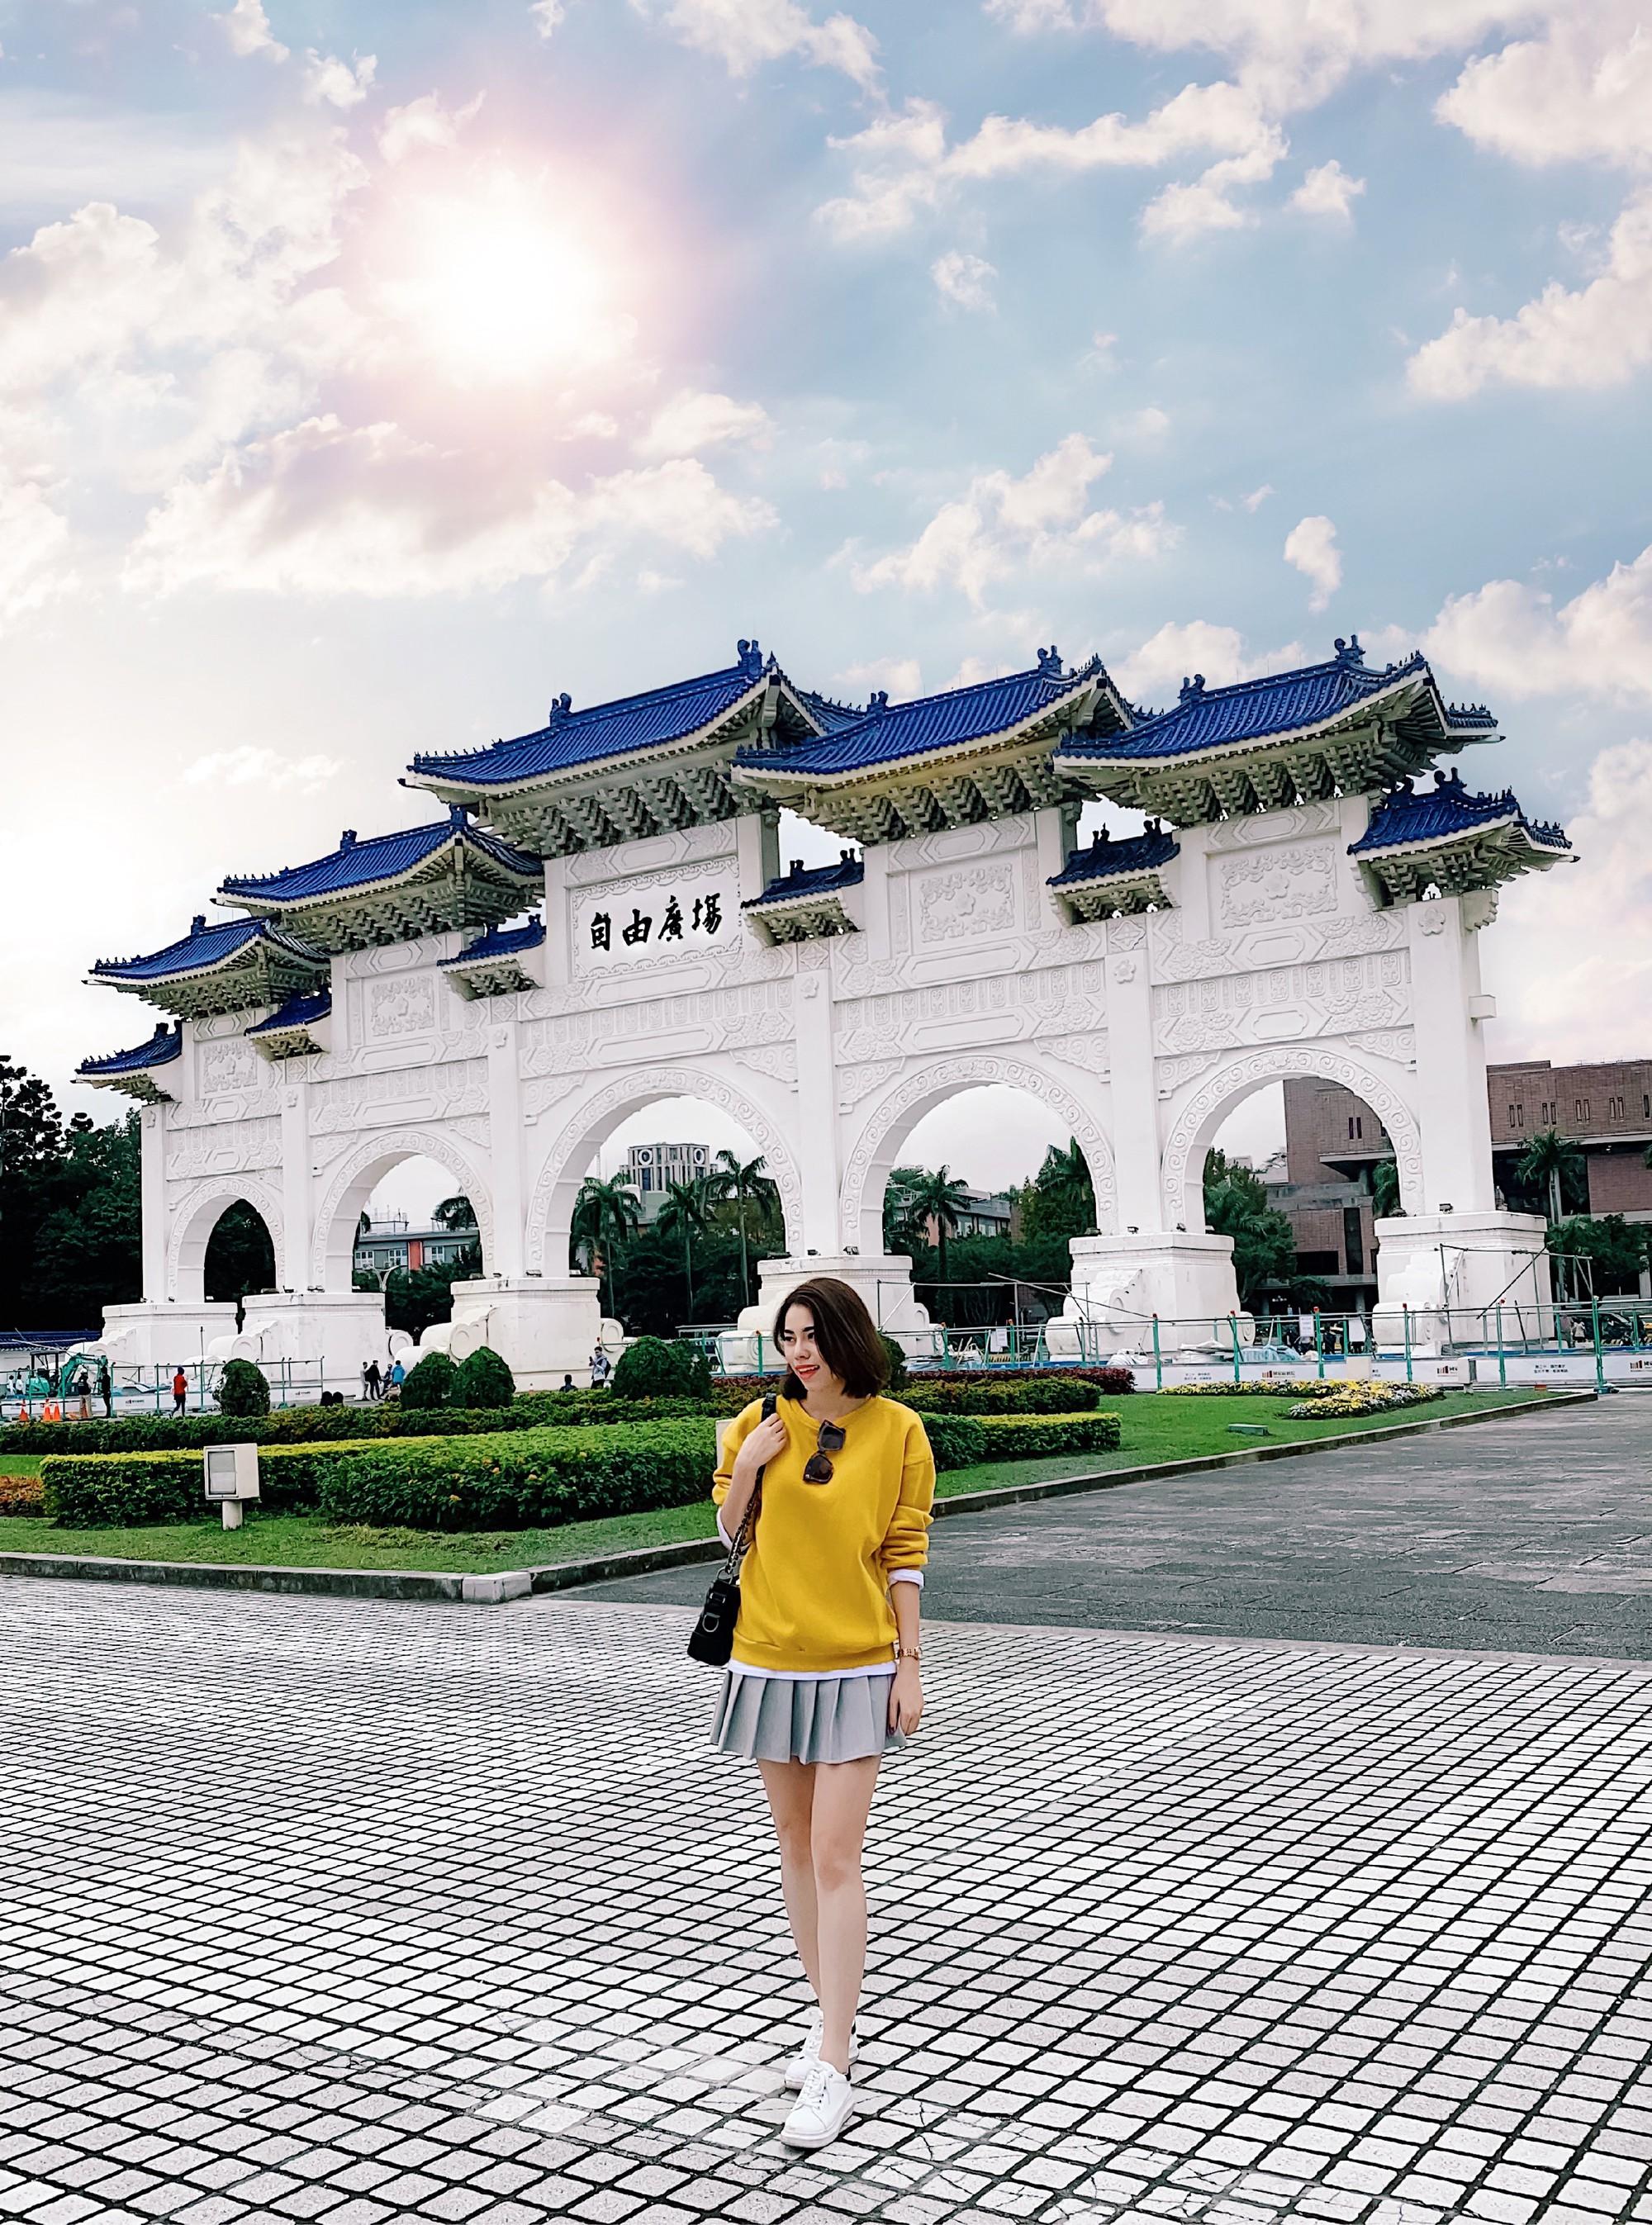 Tất tần tật kế hoạch du lịch tự túc Đài Bắc, không xem thì phí lắm đó! - Ảnh 5.